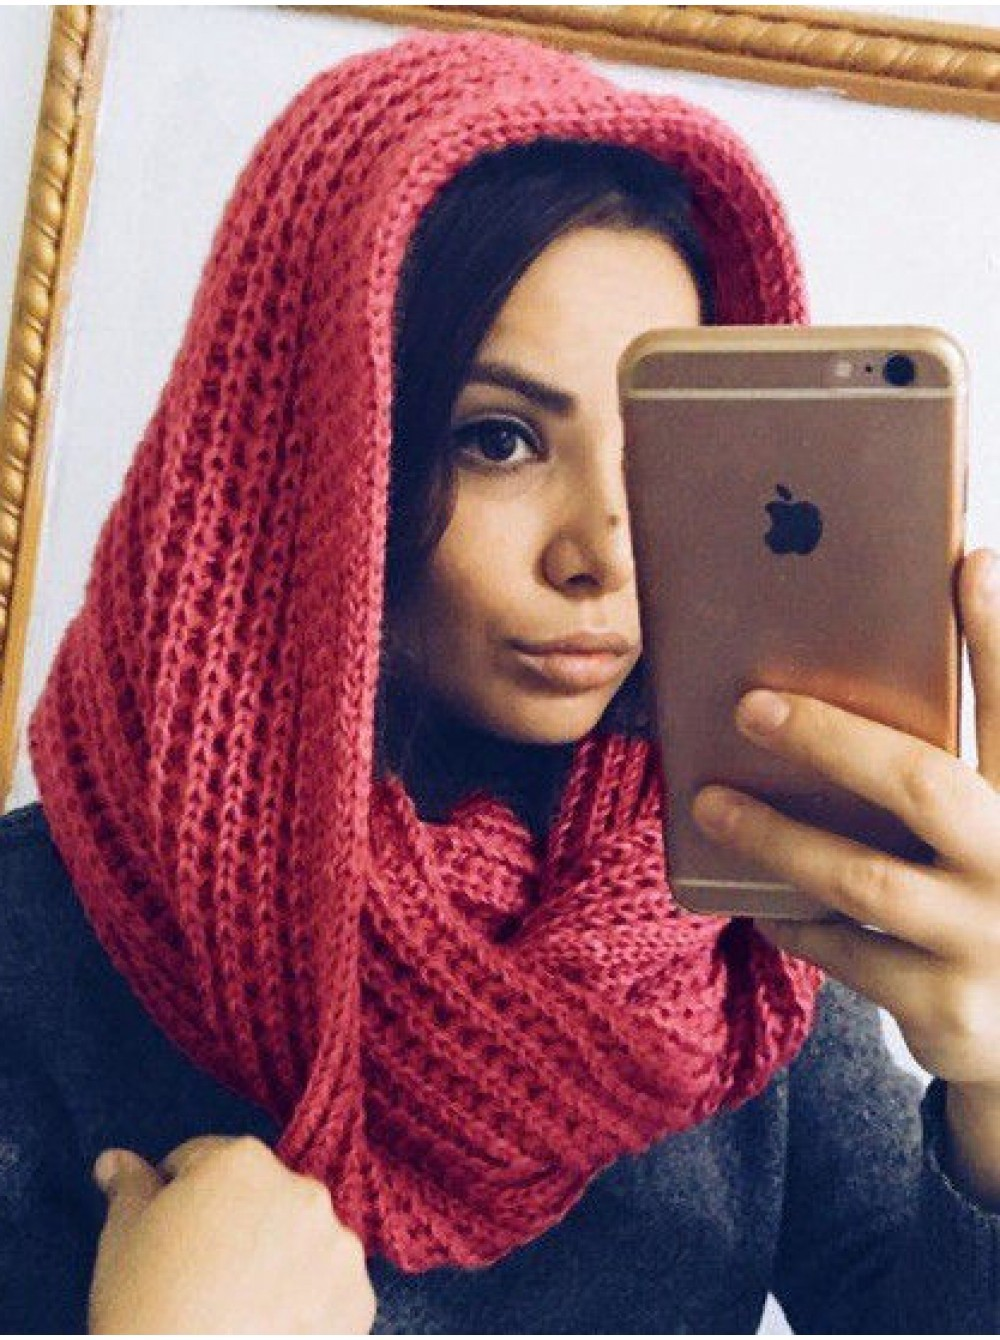 Как правильно носить хомут: розовый снуд на голову как косынка